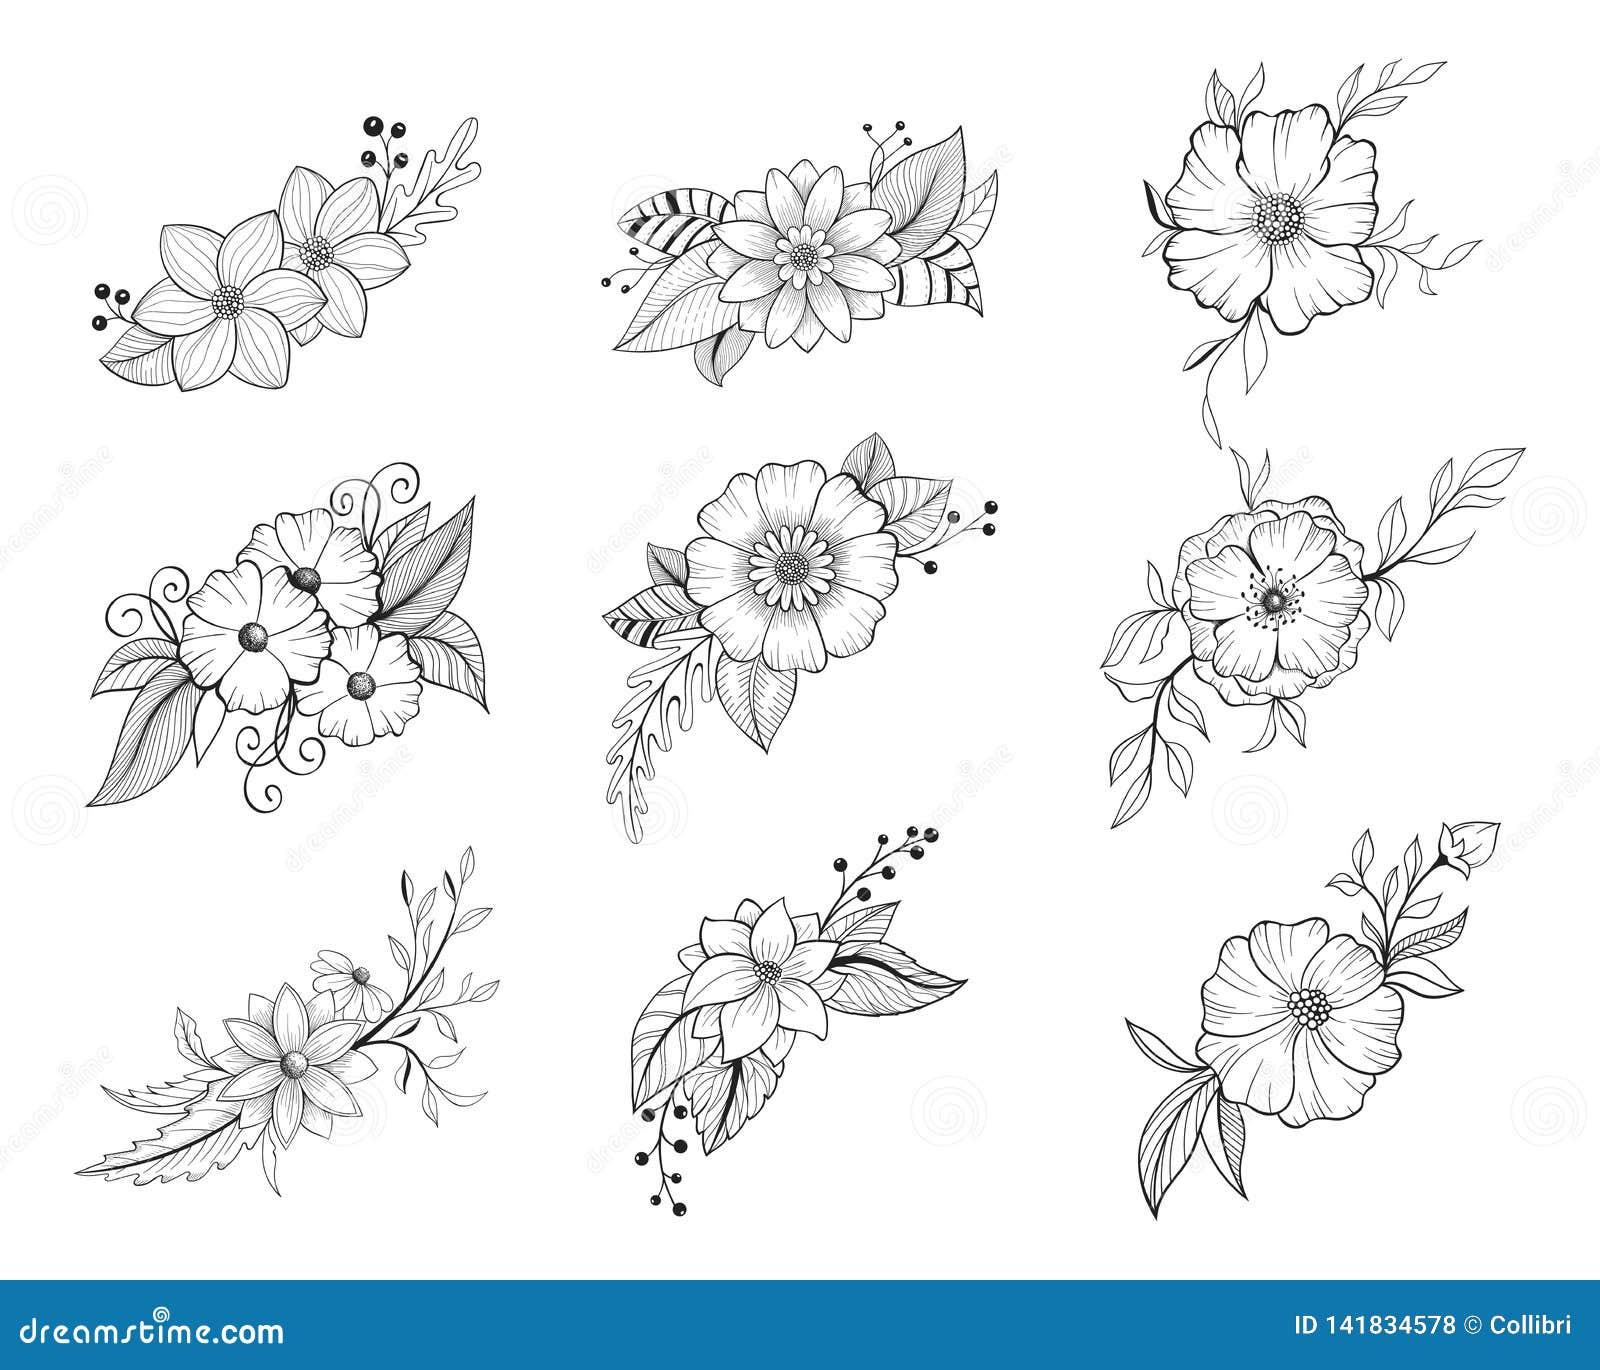 Hand Drawn Doodle Floral Element Collection Flower Bouquet